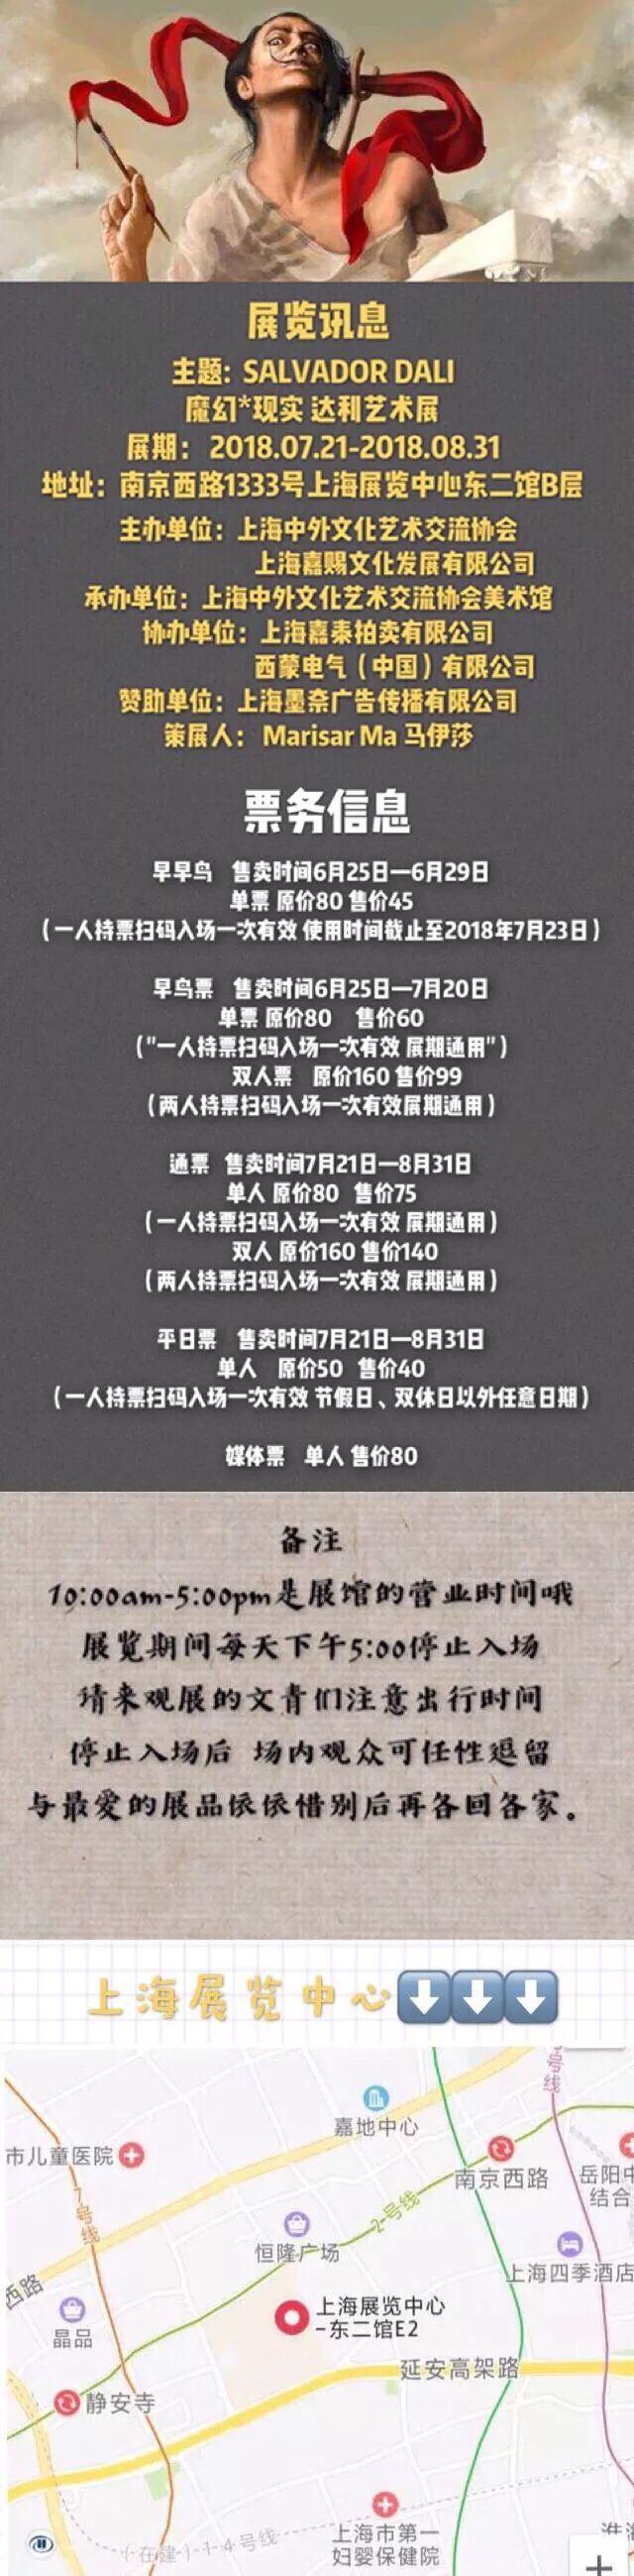 2018上海达利艺术展时间 门票 交通